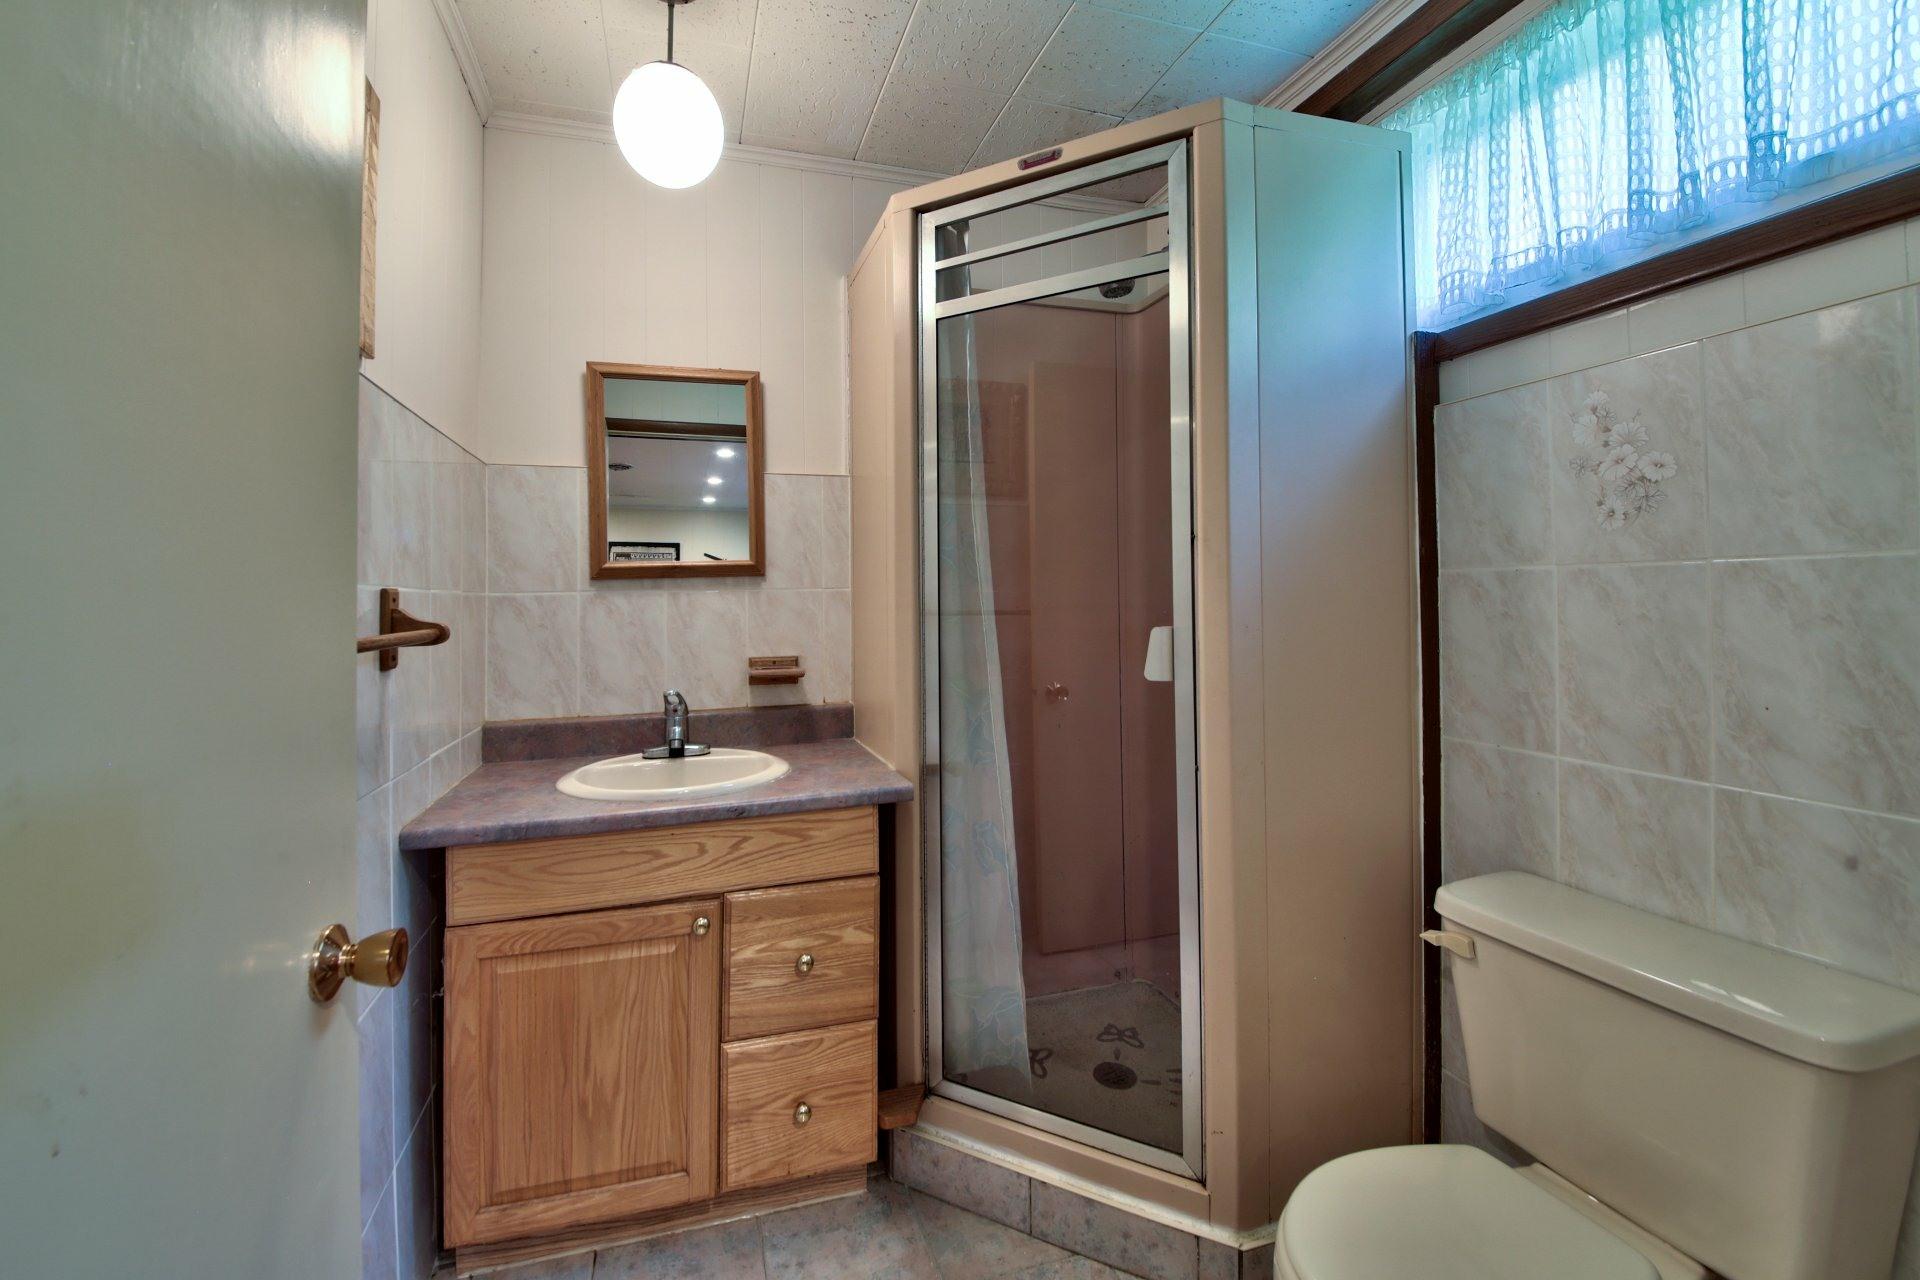 image 21 - House For sale Ahuntsic-Cartierville Montréal  - 11 rooms